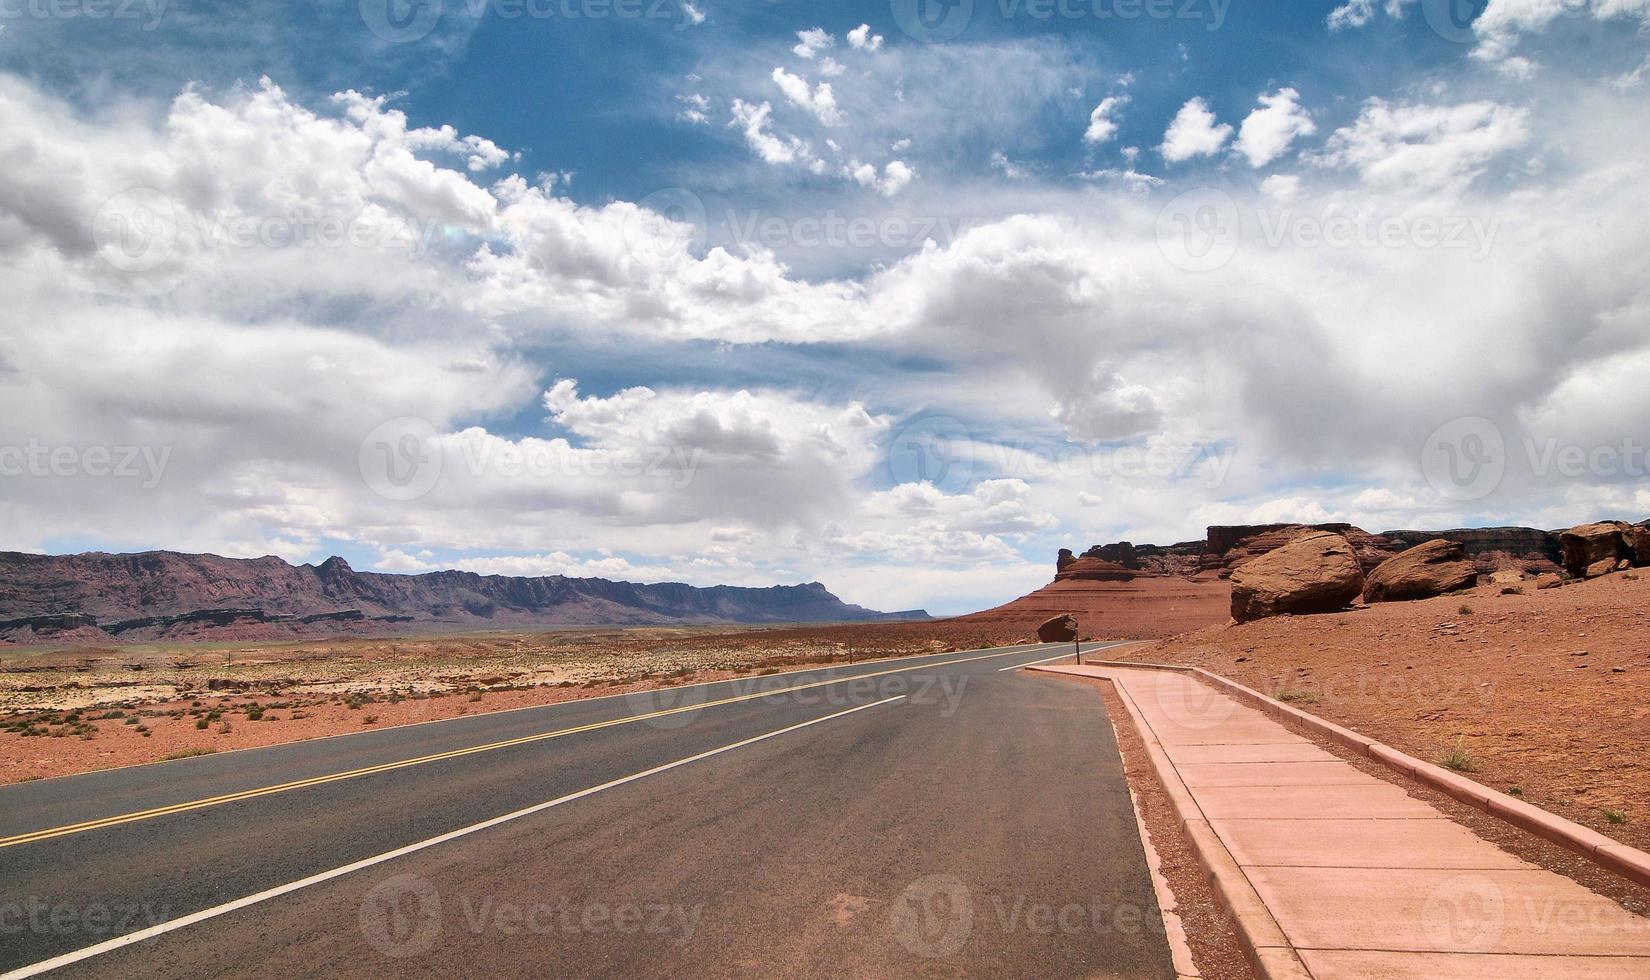 marciapiede del deserto foto